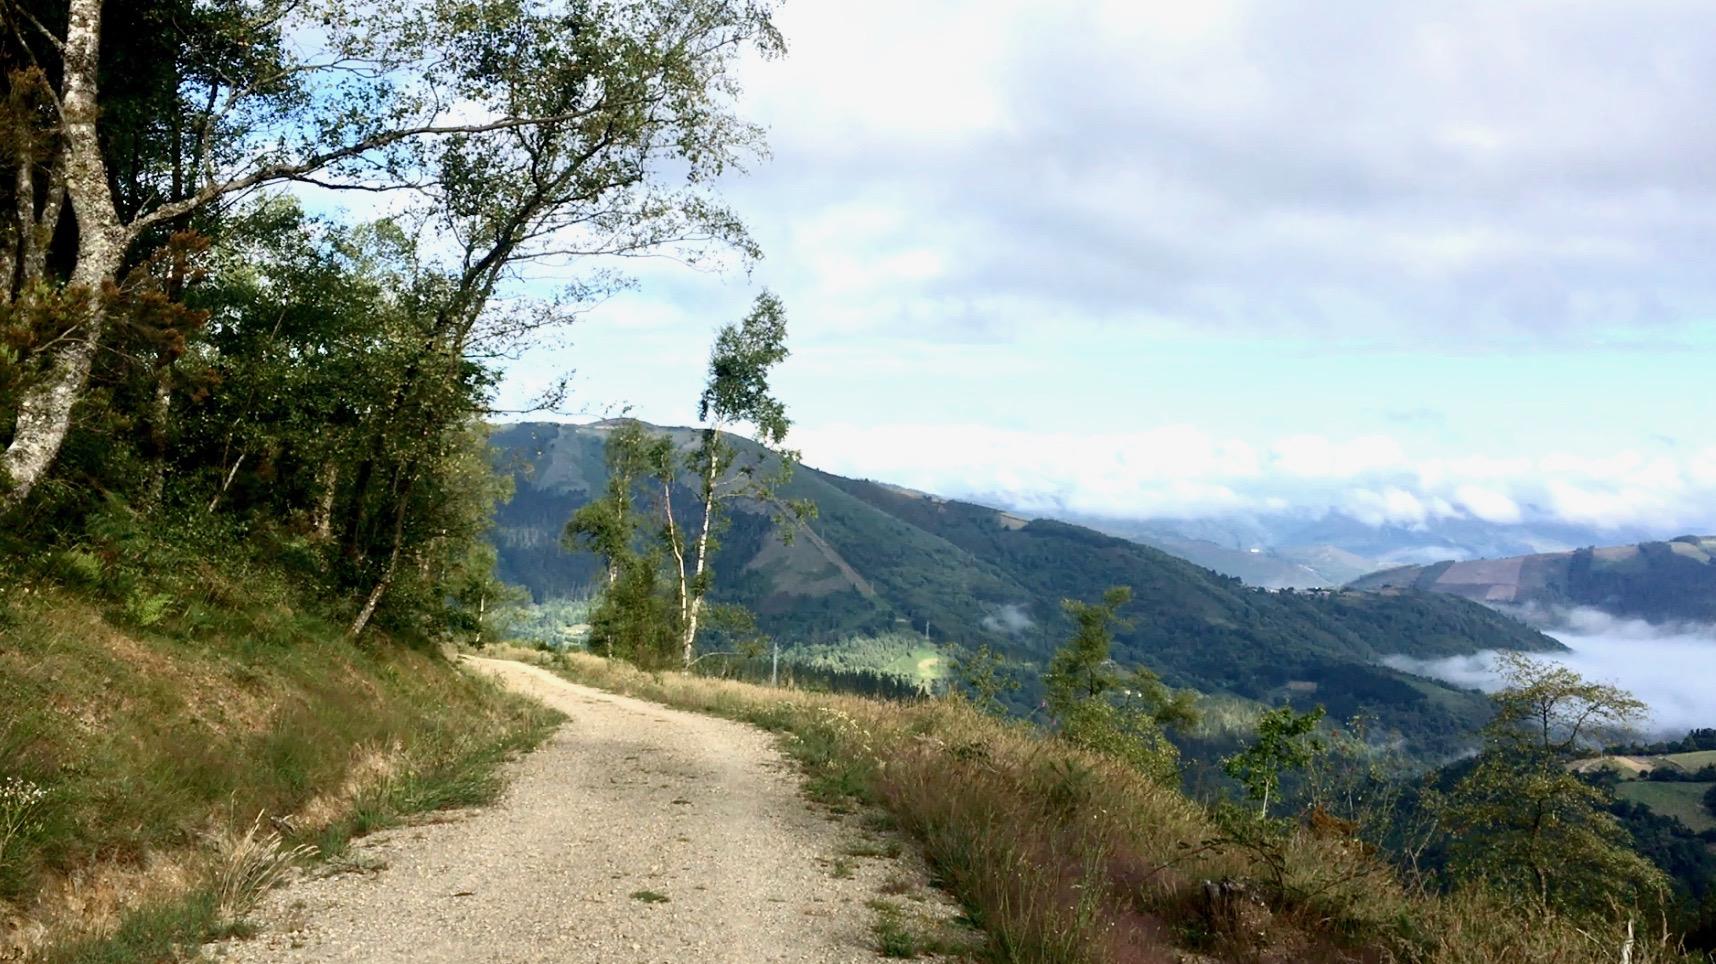 Day 6 on the Camino Primitivo